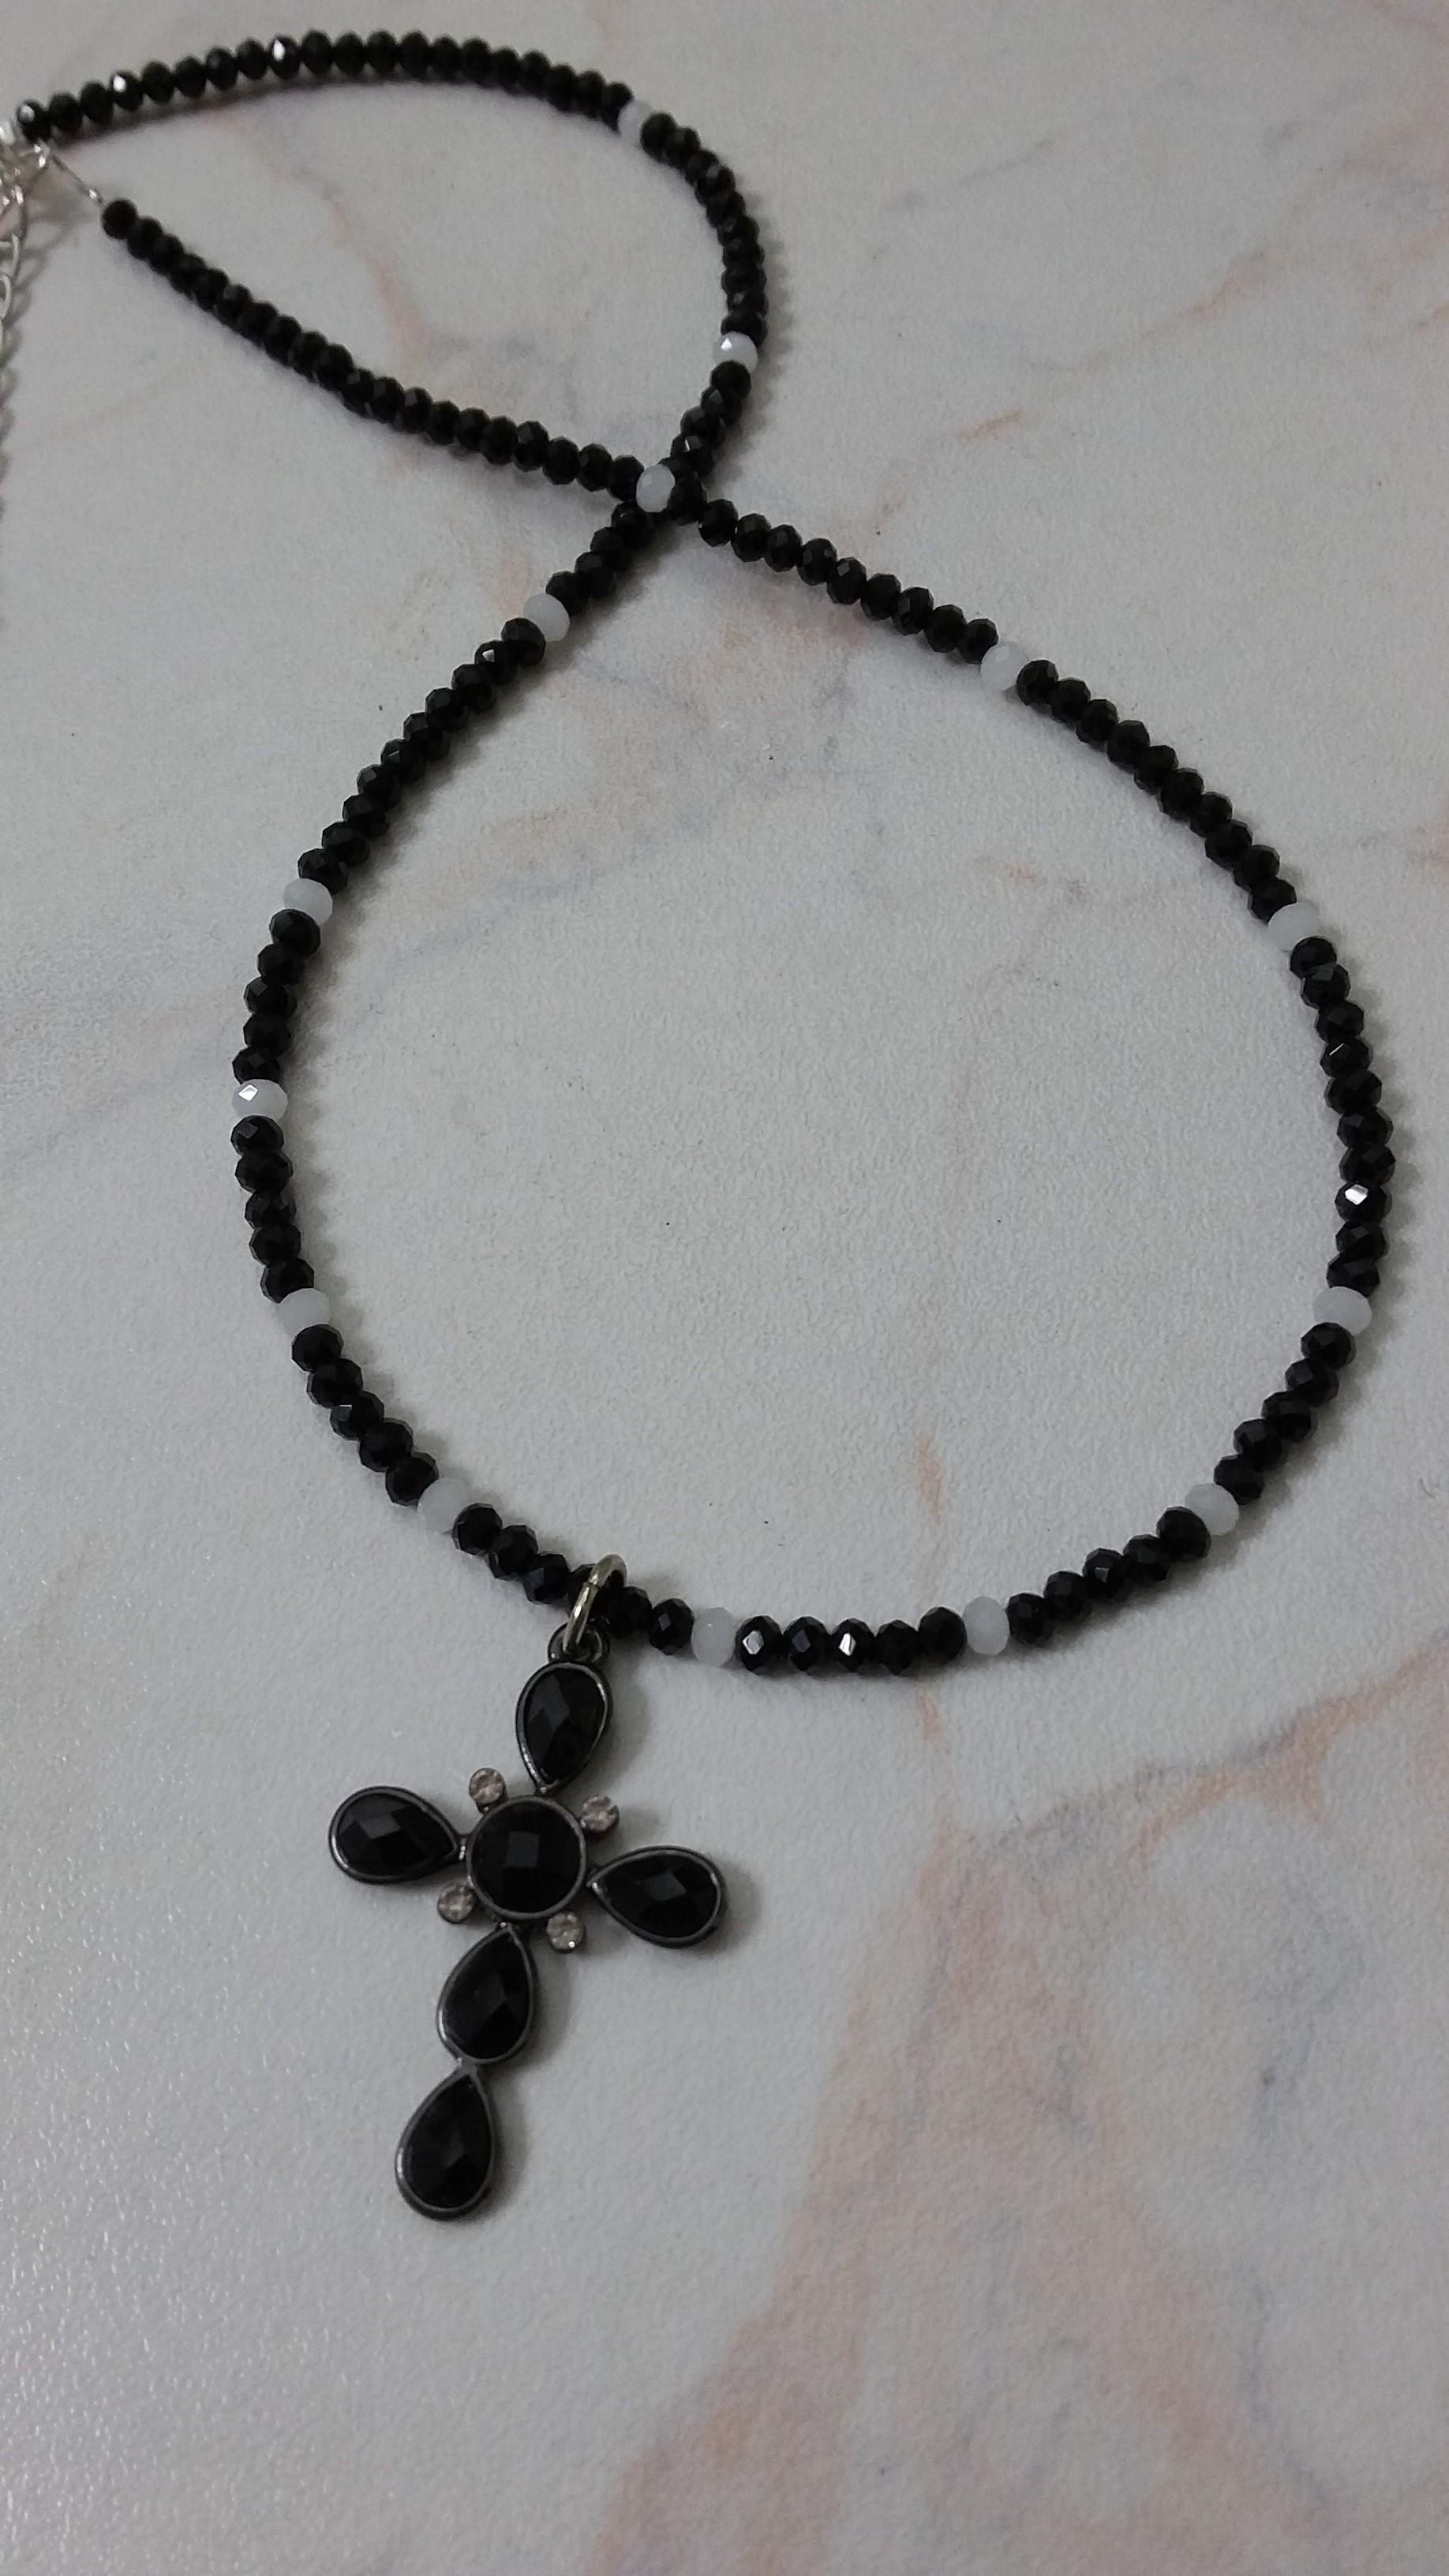 ΚΜΠ114-Κολιέ με μαύρα κρύσταλλα και σταυρό-16ευρώ  5752ab19f98